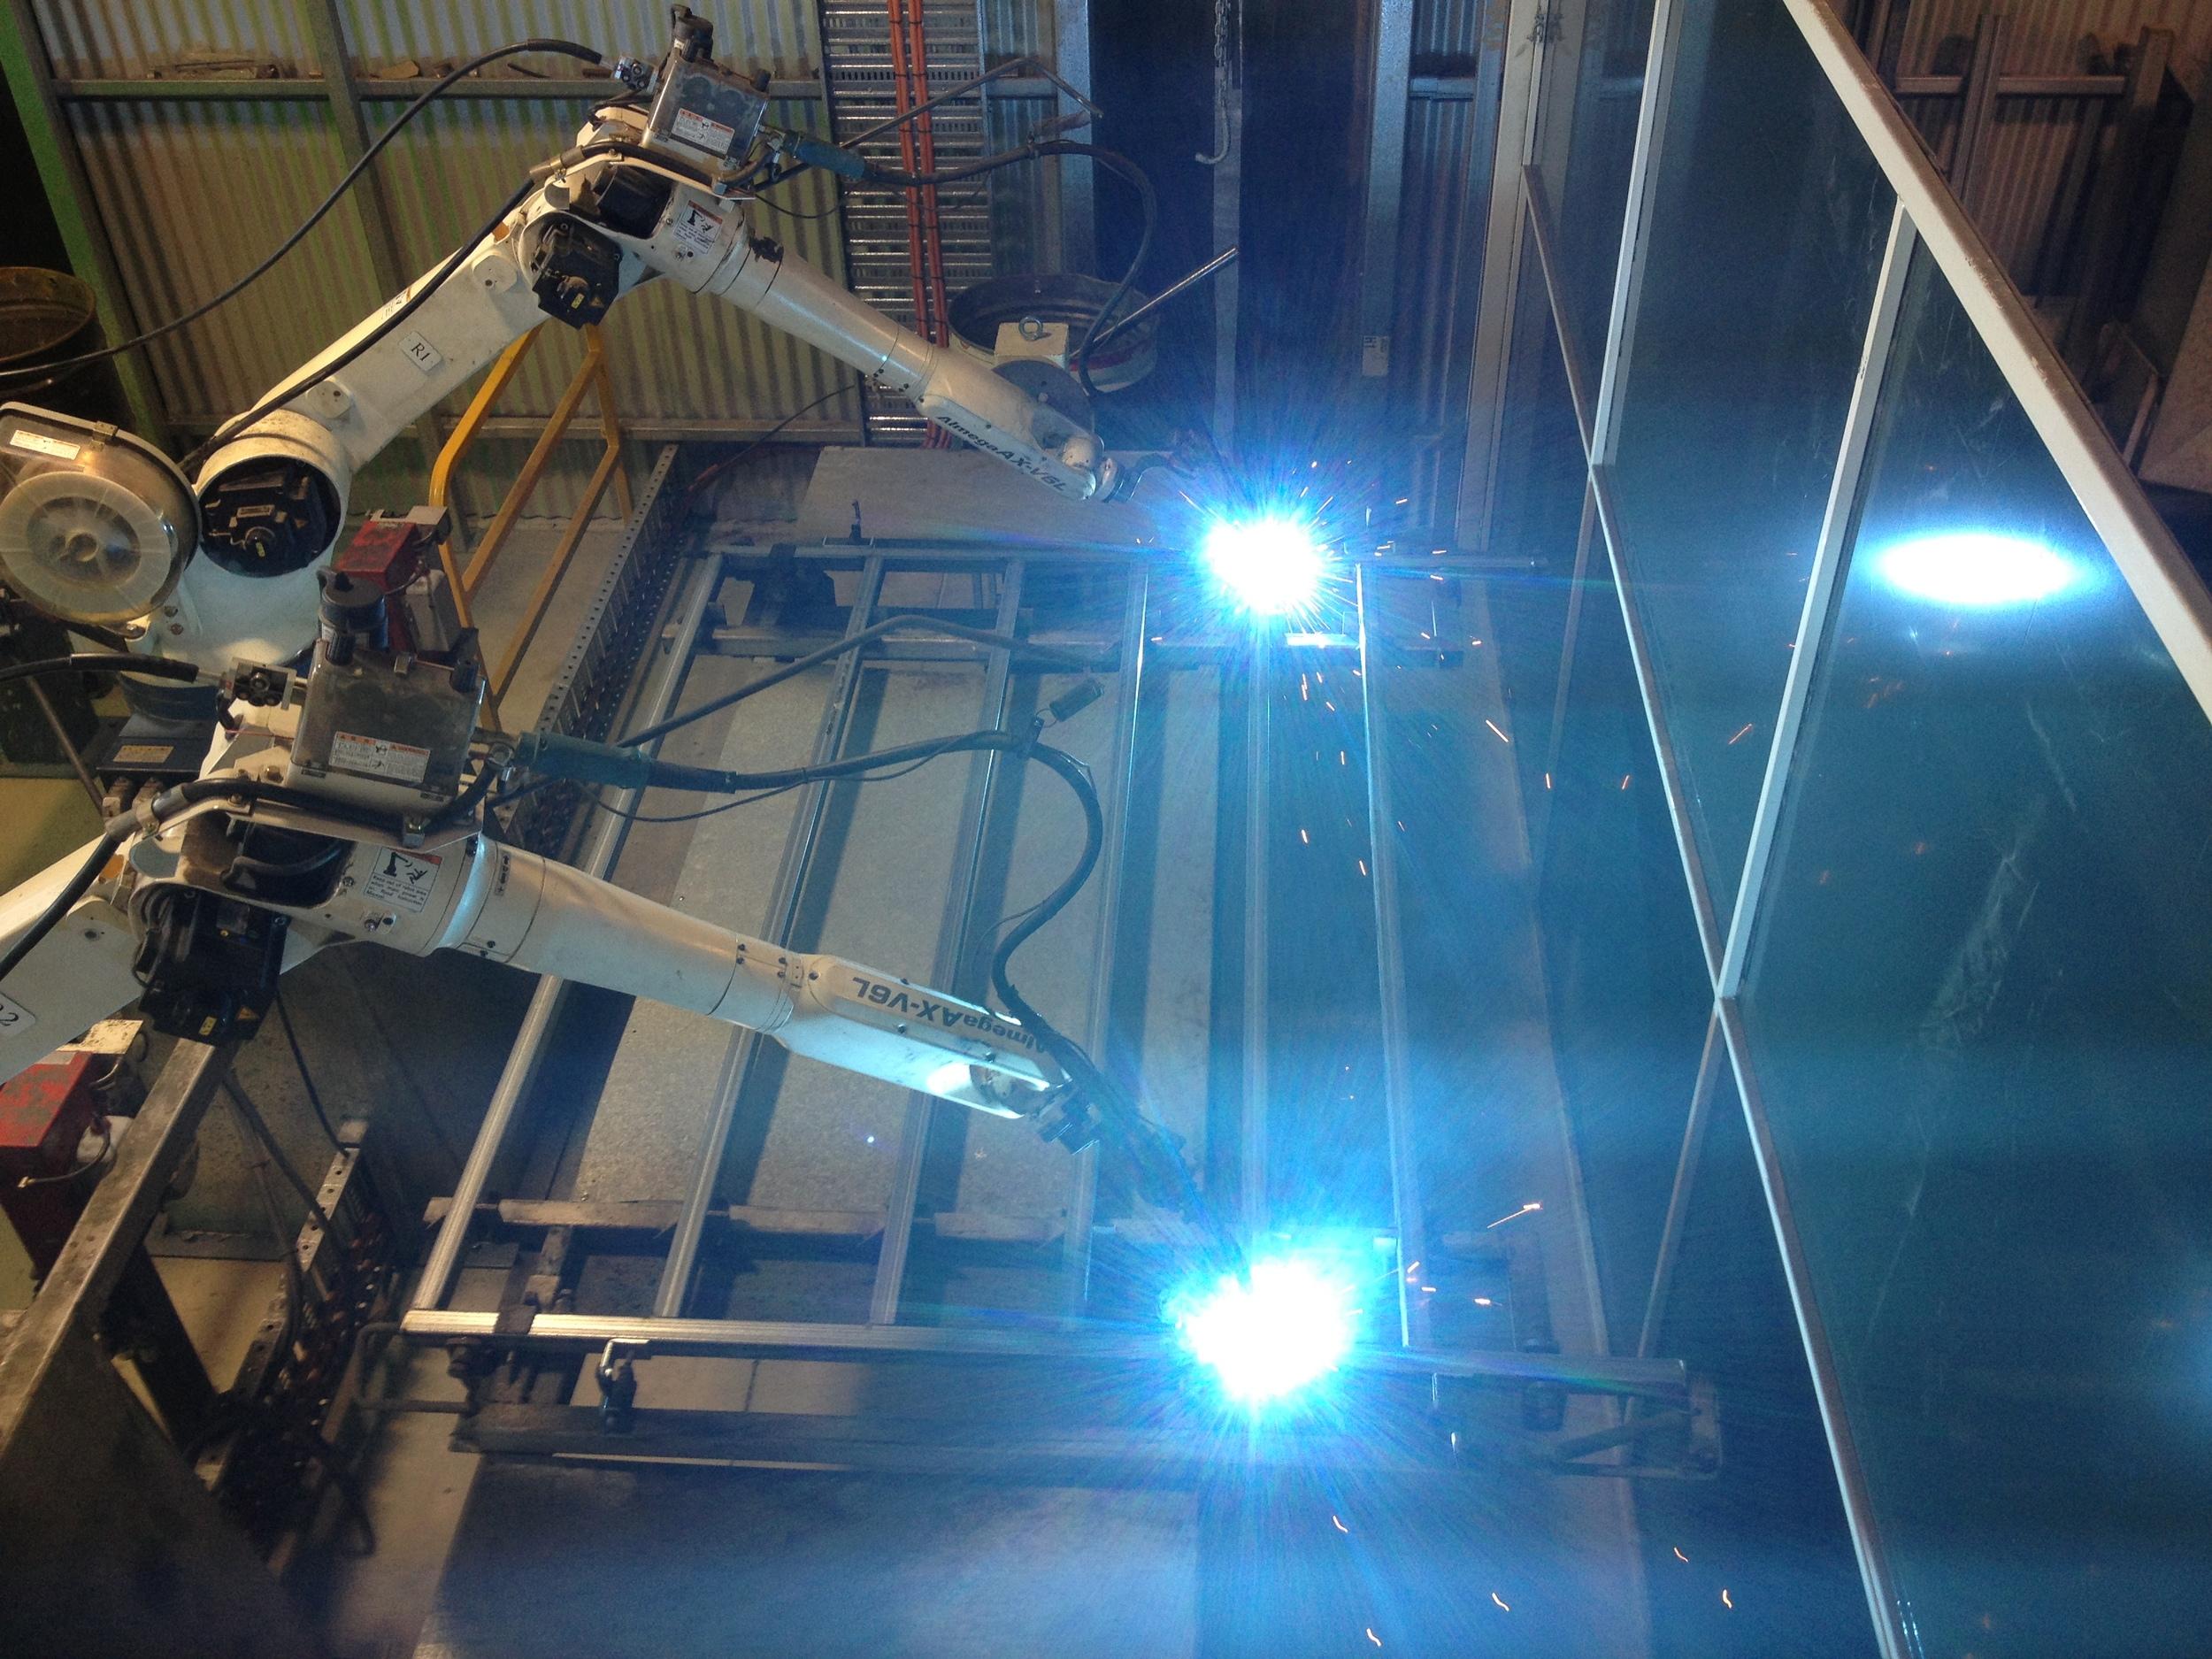 Robotic welders - welding a panel